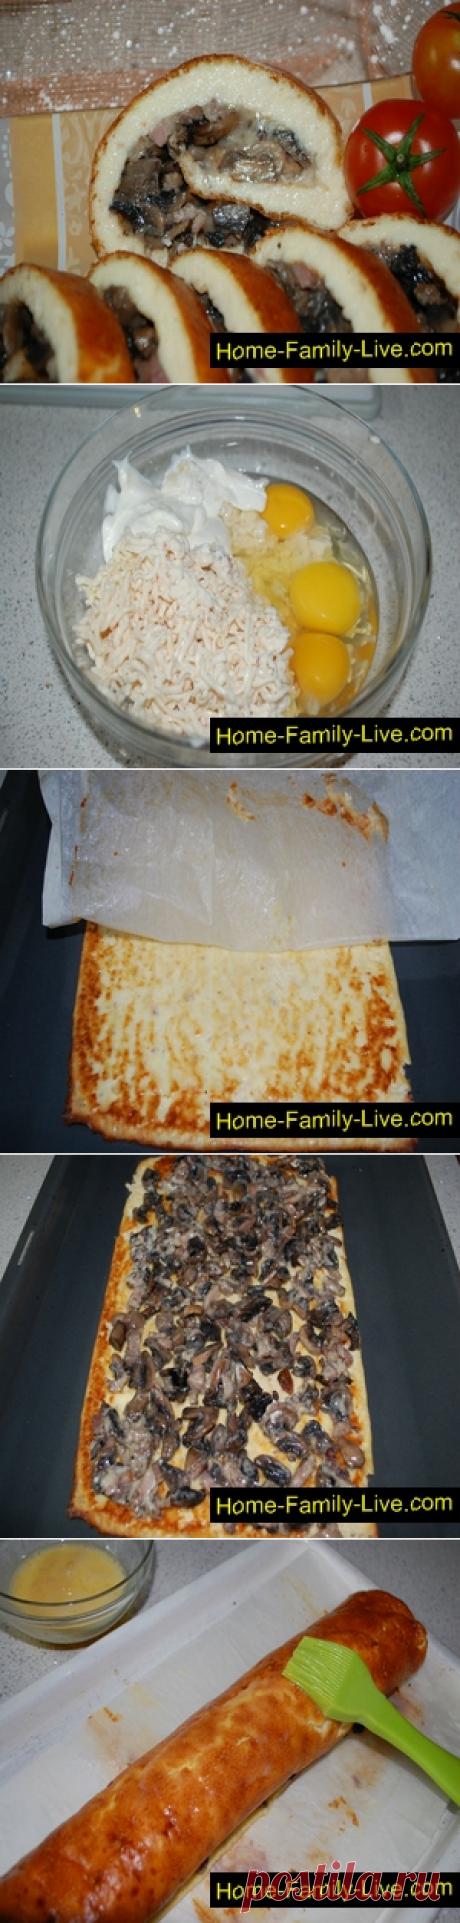 Рулет закусочный - пошаговый рецепт с фото - закускаКулинарные рецепты